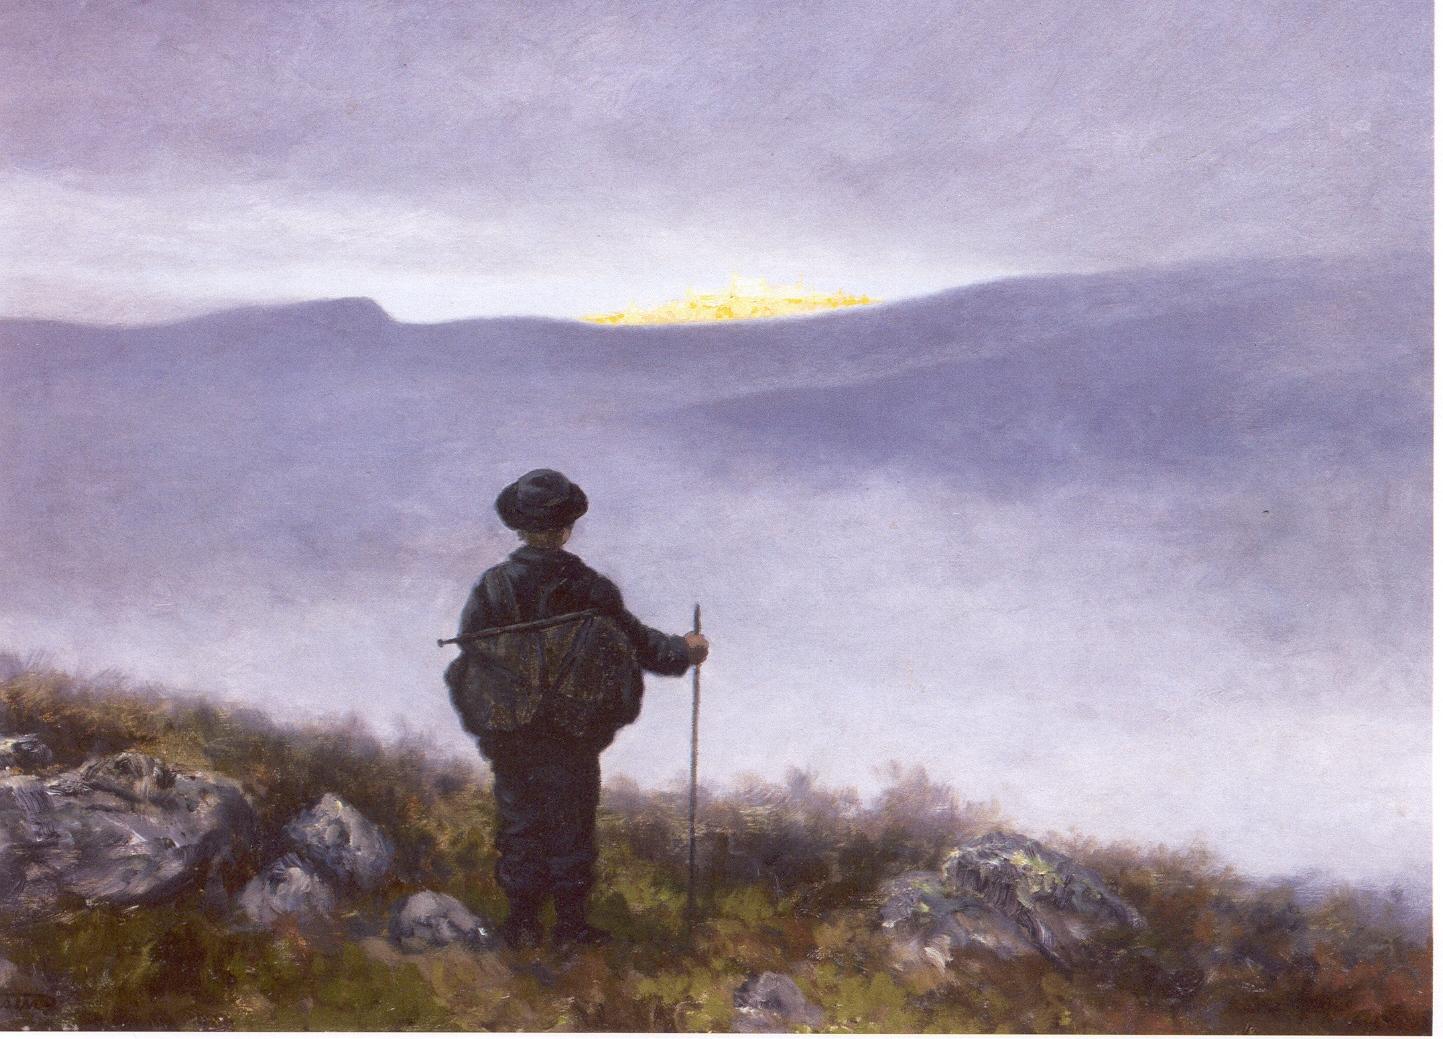 Viajero en la niebla. Obra de Theodor Severin Kittelsen. 1900